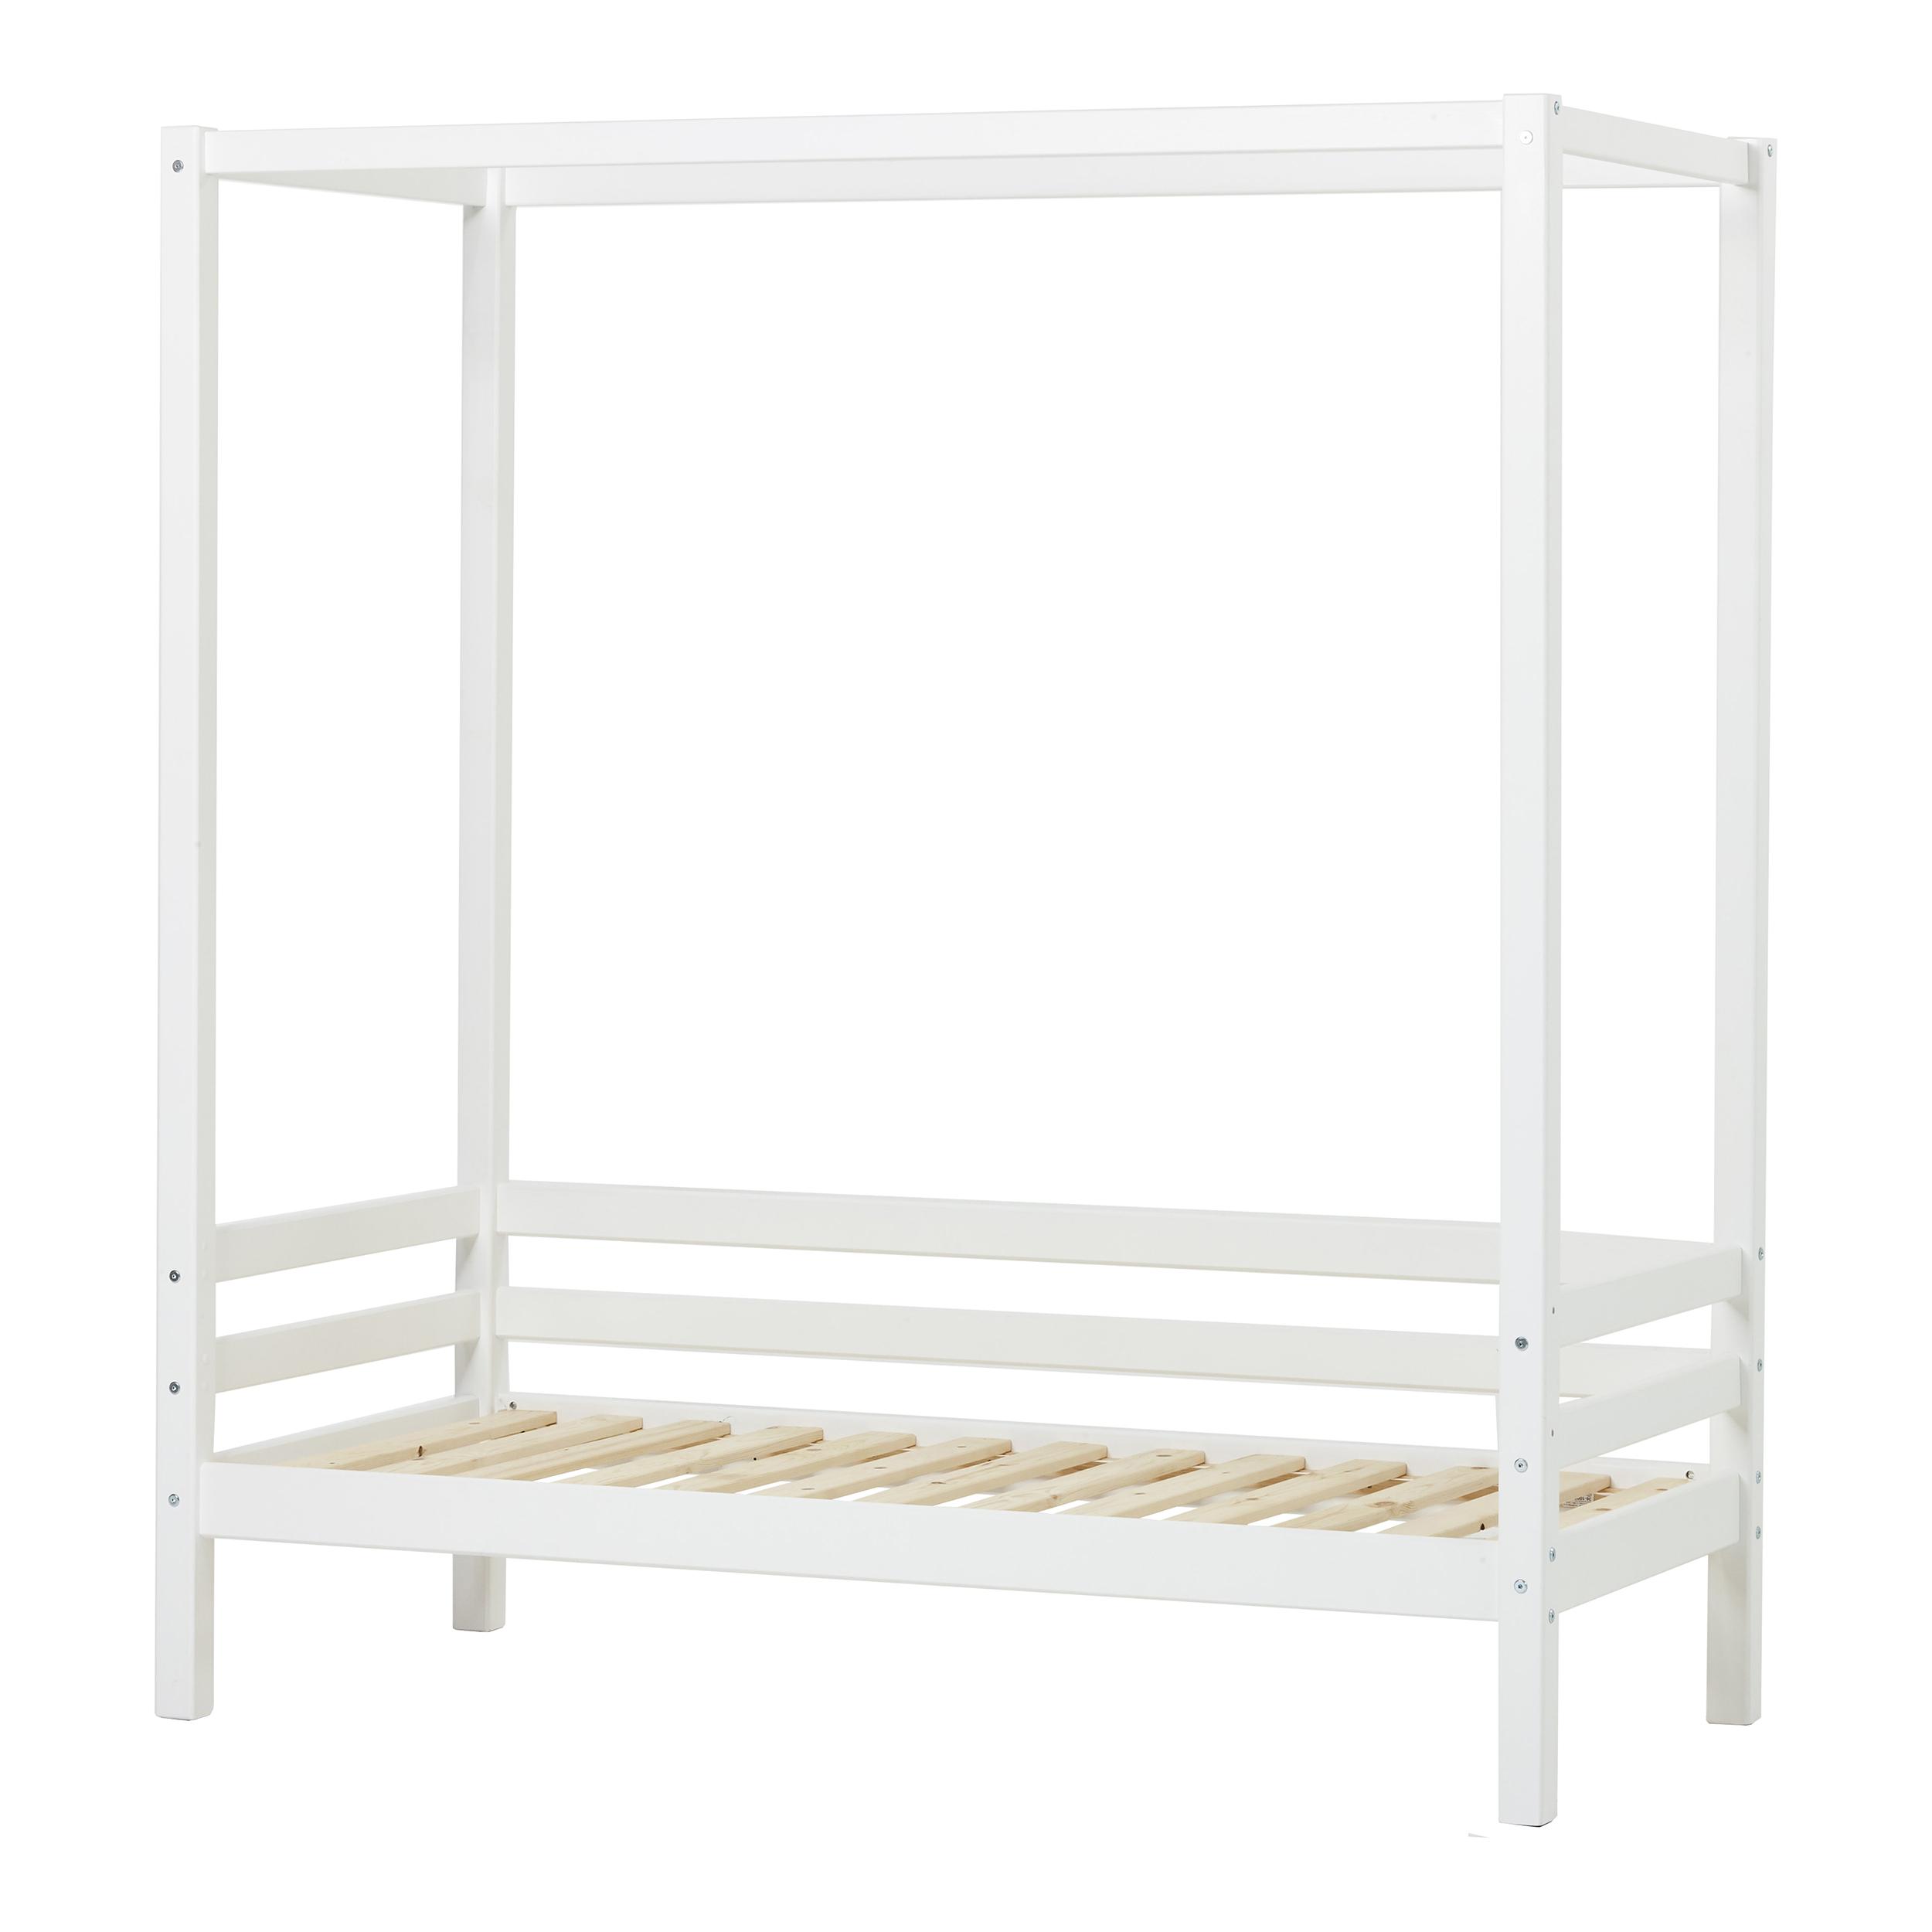 Hoppekids - BASIC Canopy bed 70×160 cm - White